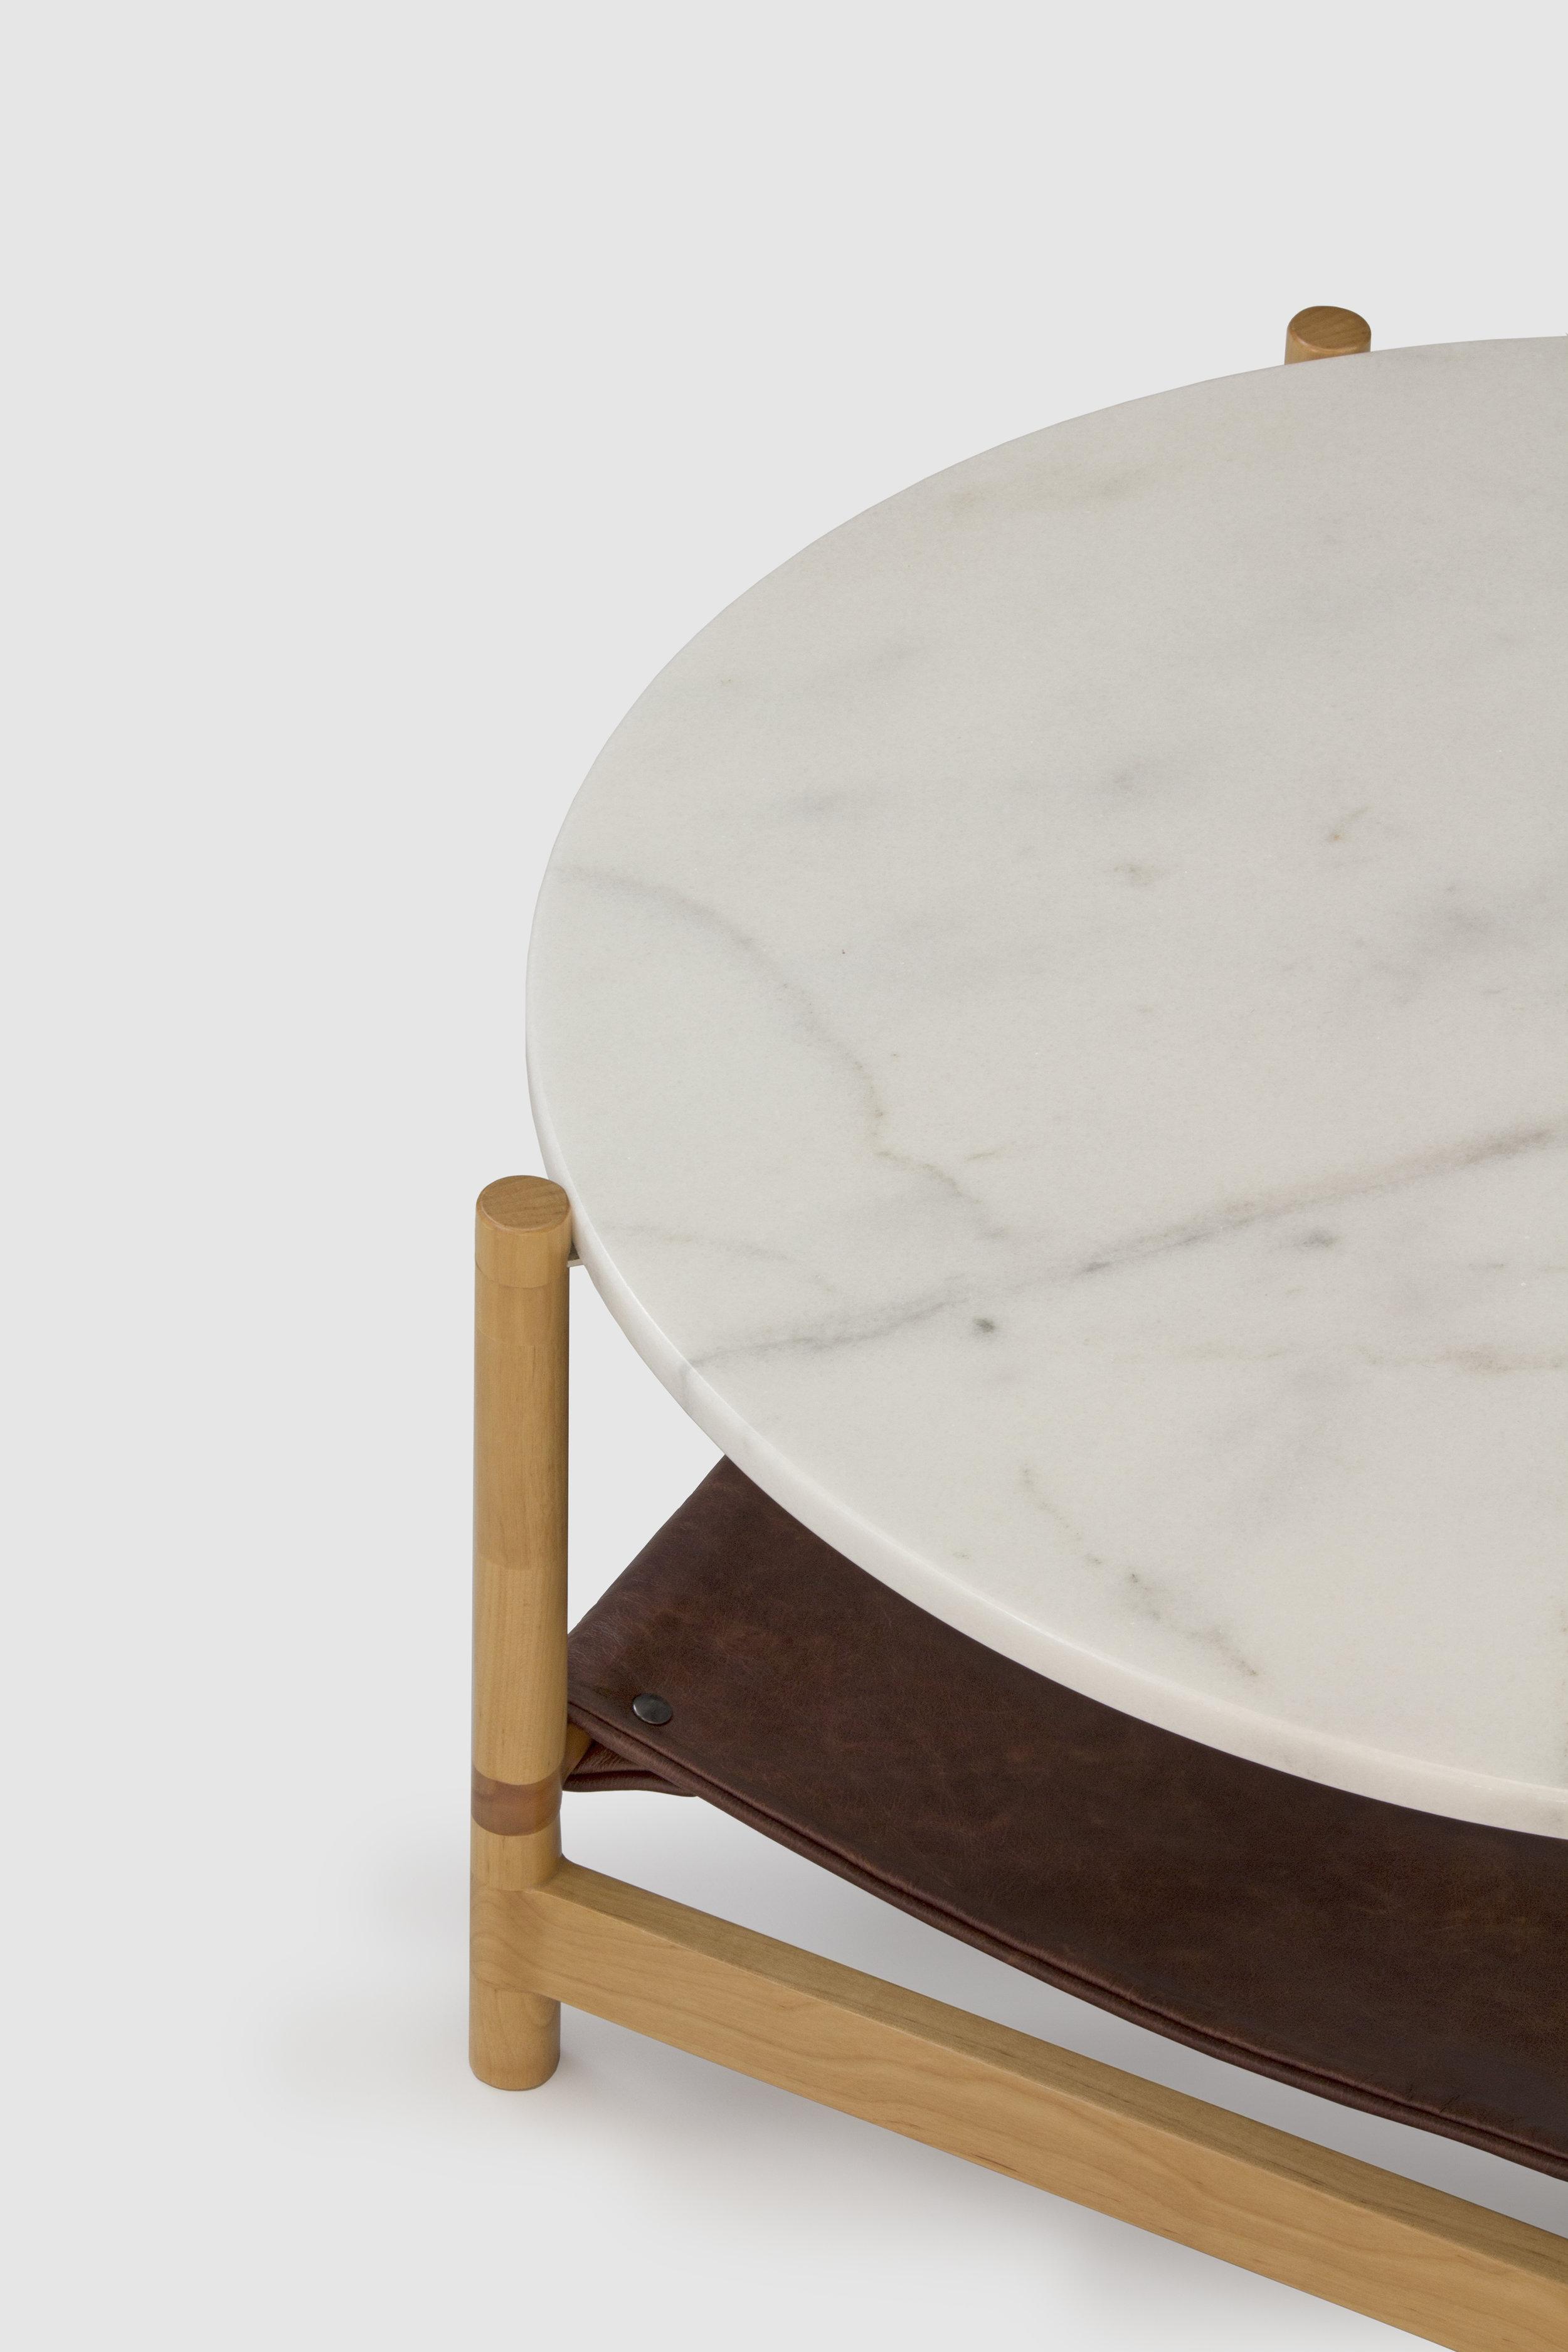 1.02 - Circular Coffee Table